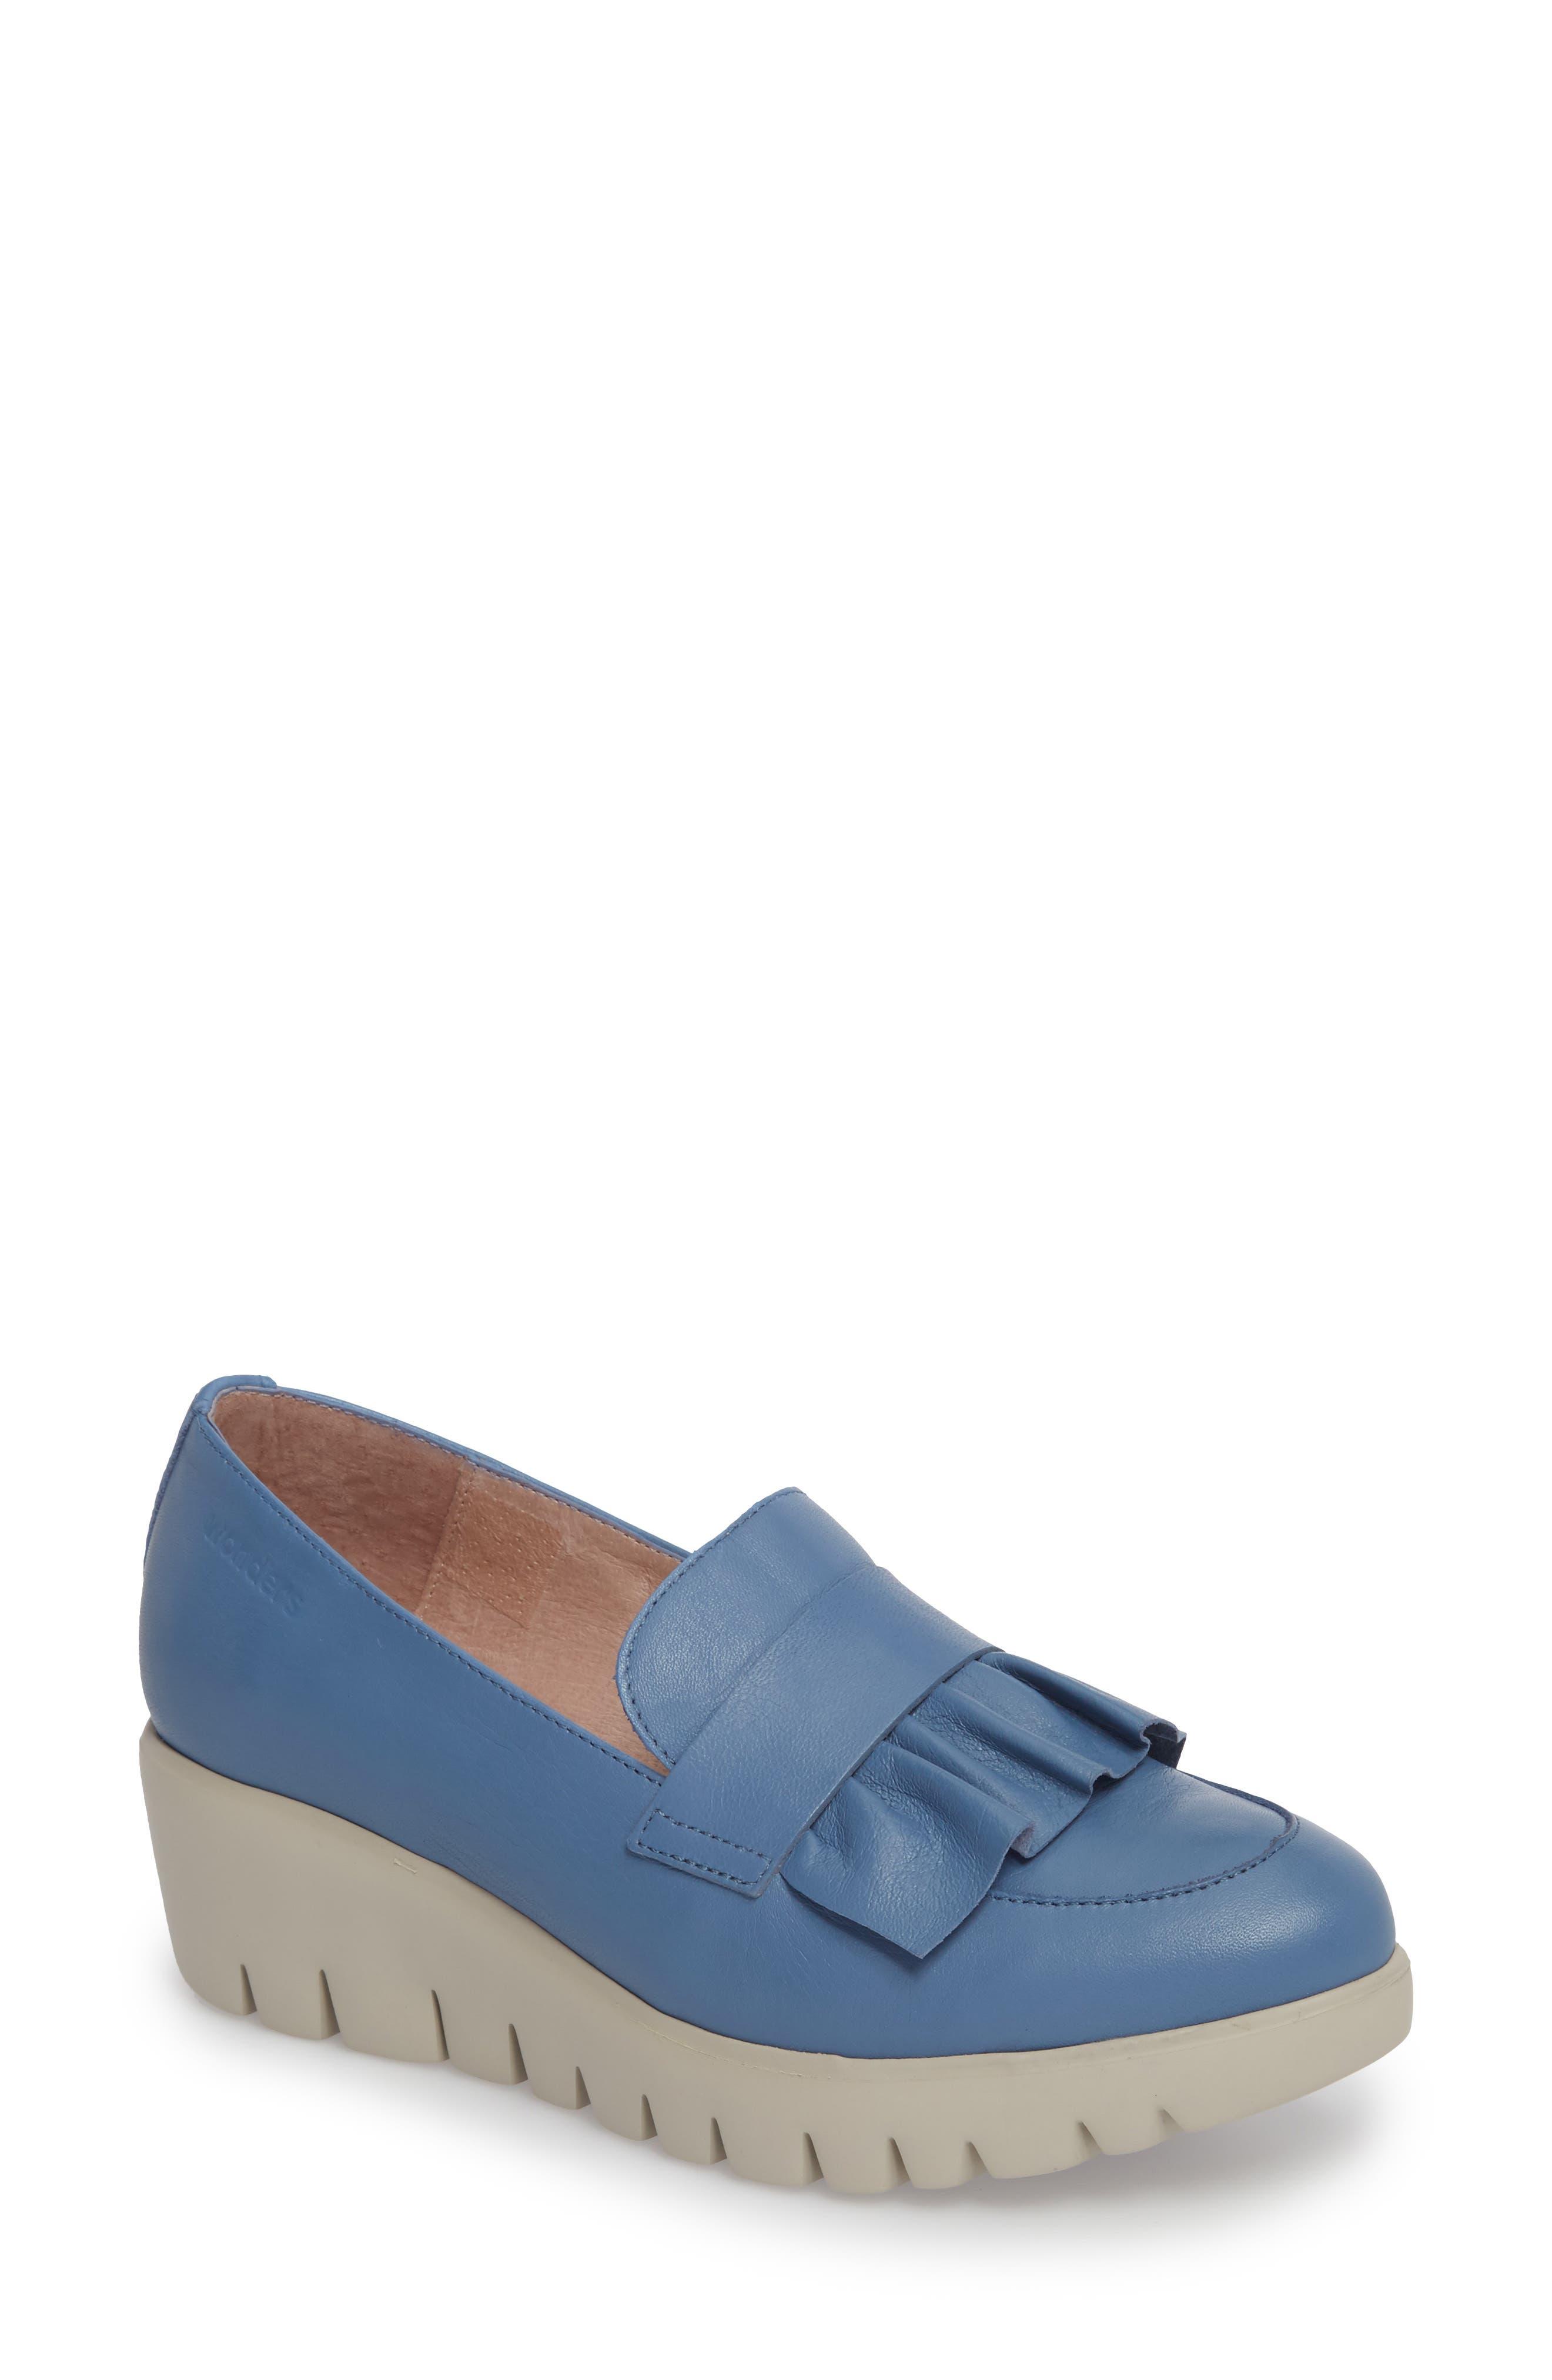 Wonders Loafer Wedge, Blue